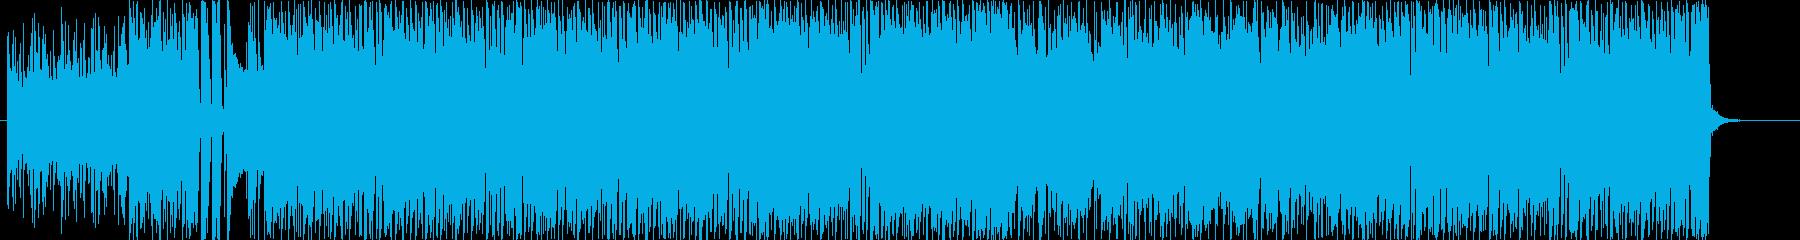 ホーンセクションが特徴的なロックなBGMの再生済みの波形